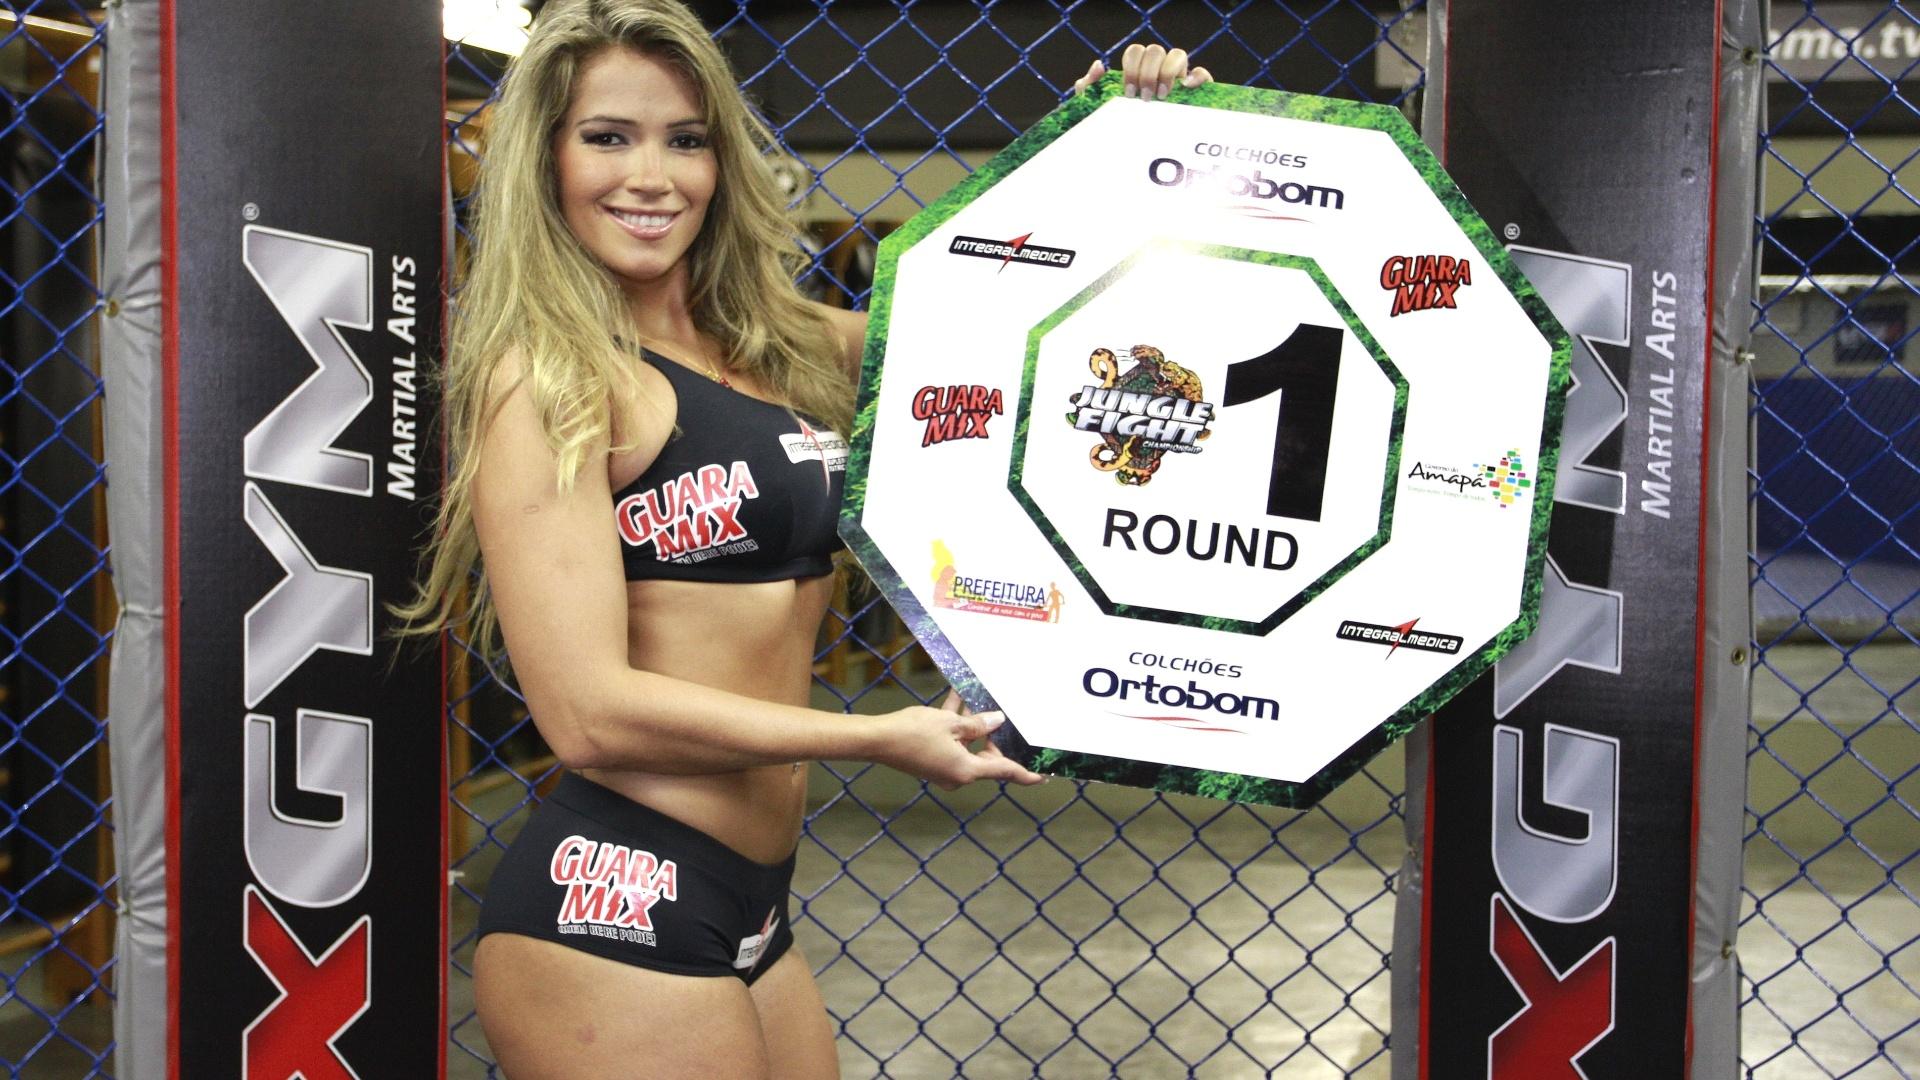 Depois de Adriana Sant'Anna, Jaqueline Faria e Monique Amin, a também ex-BBB Fani Pacheco será ring girl do Jungle Fight, em sua edição de número 40